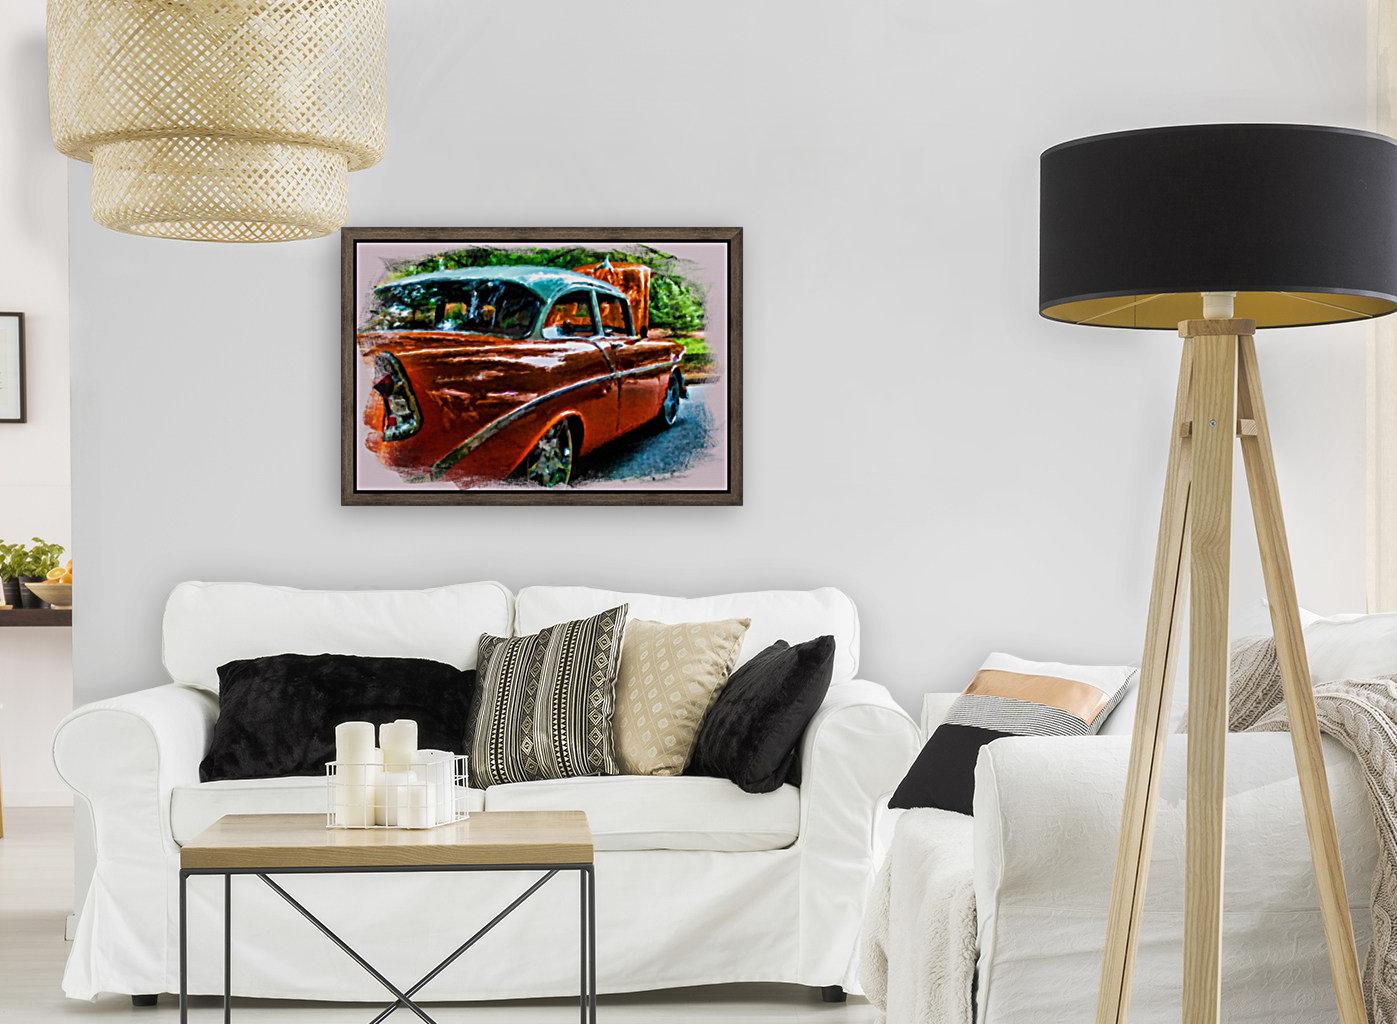 Classic Orange Car in Park Painting  Art